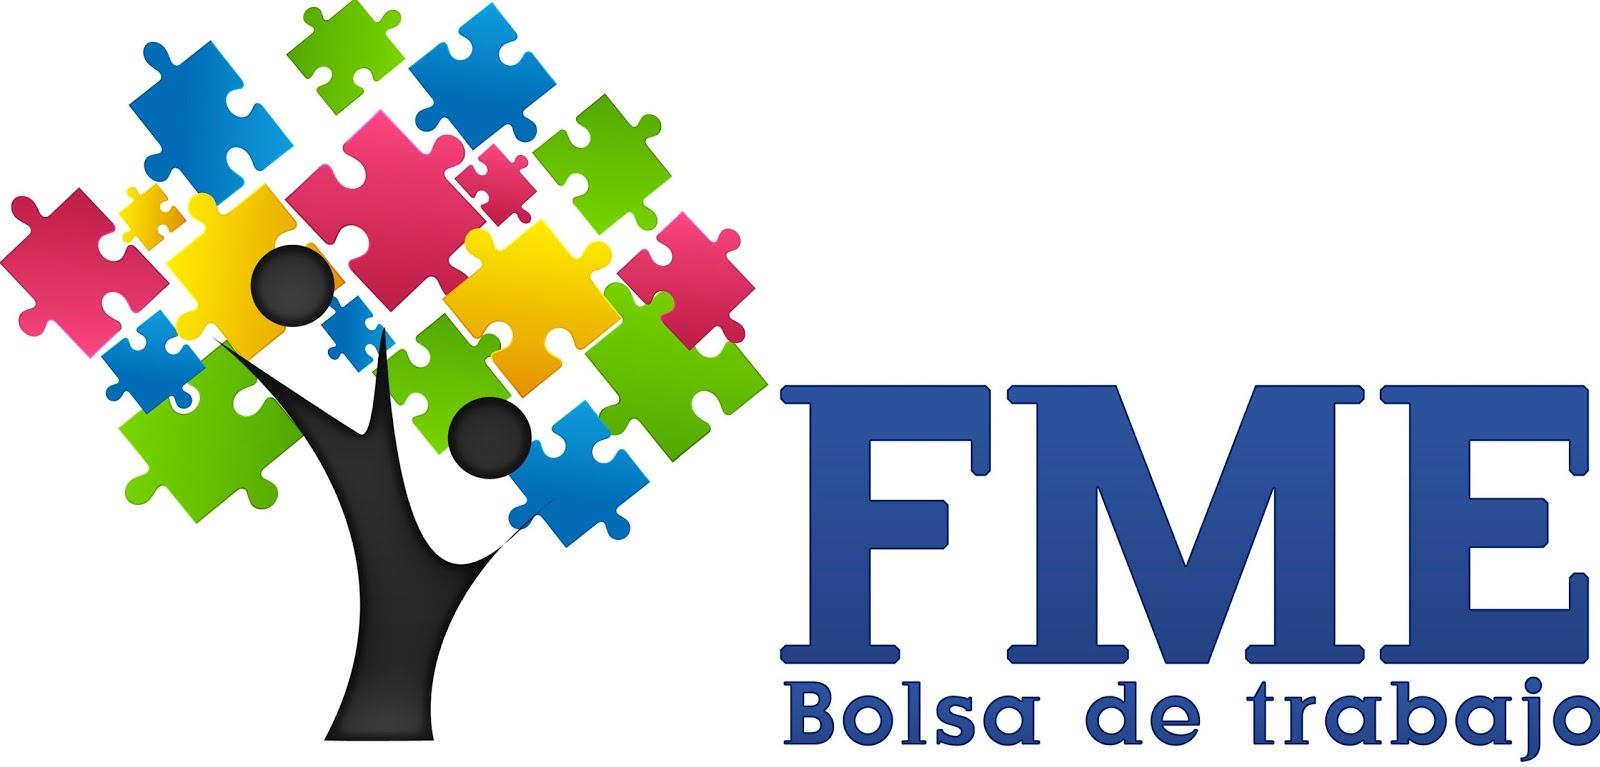 Empleos en Toluca. Todas las nuevas ofertas de empleo en un portal. Encuentra tu próximo trabajo con forex-trade1.ga